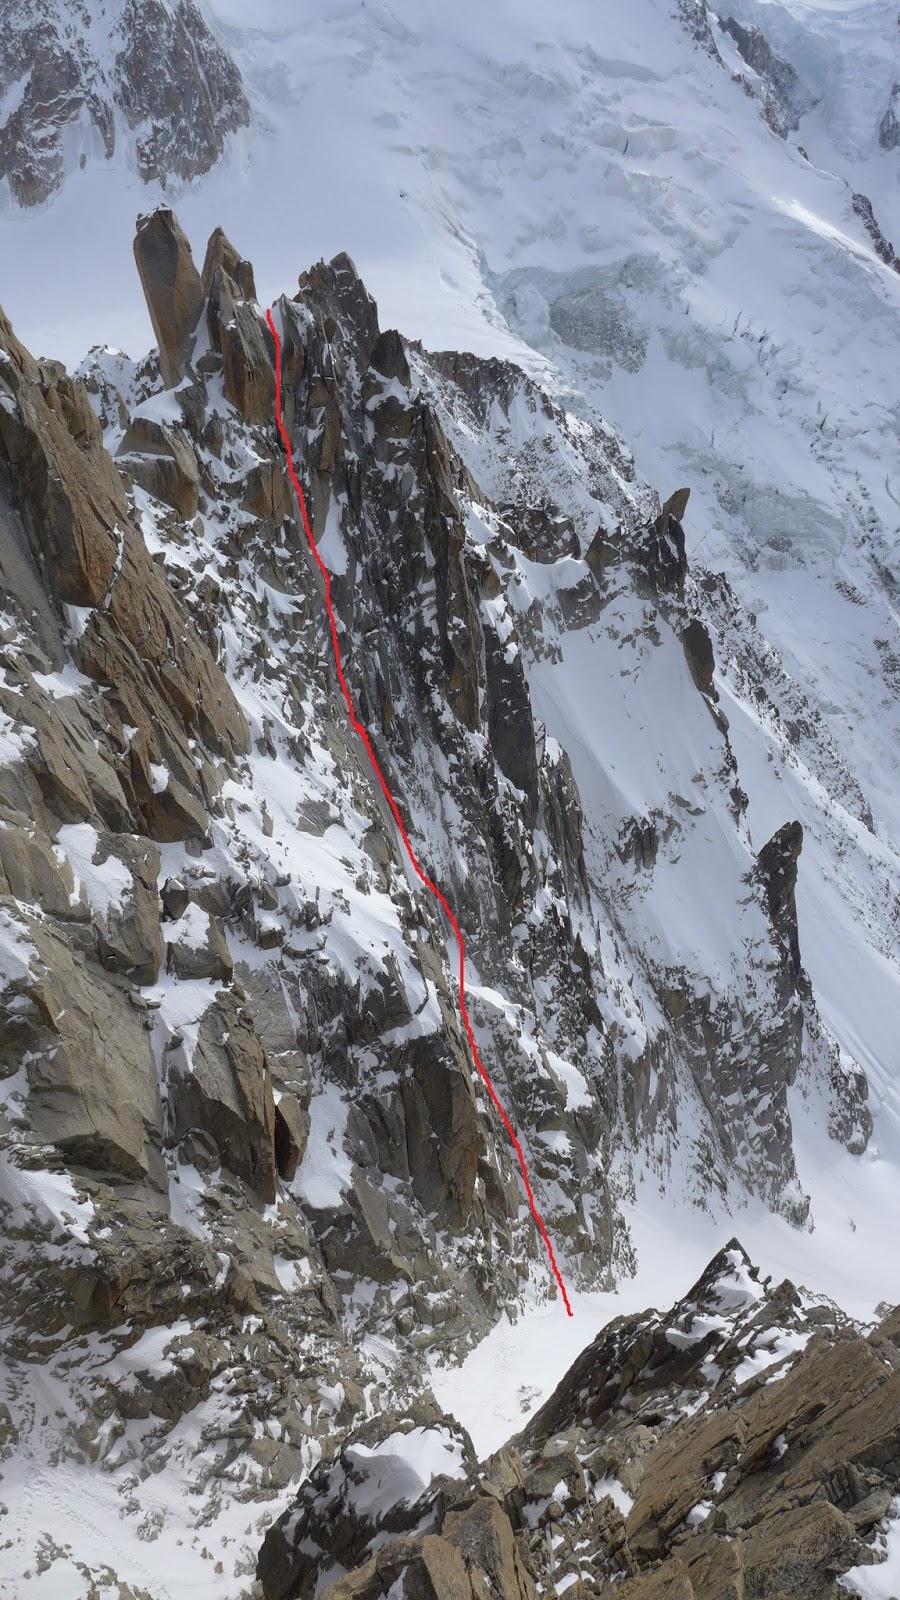 Sergio deleo blog triangle du tacul aiguille du midi for Cabine di cresta antler